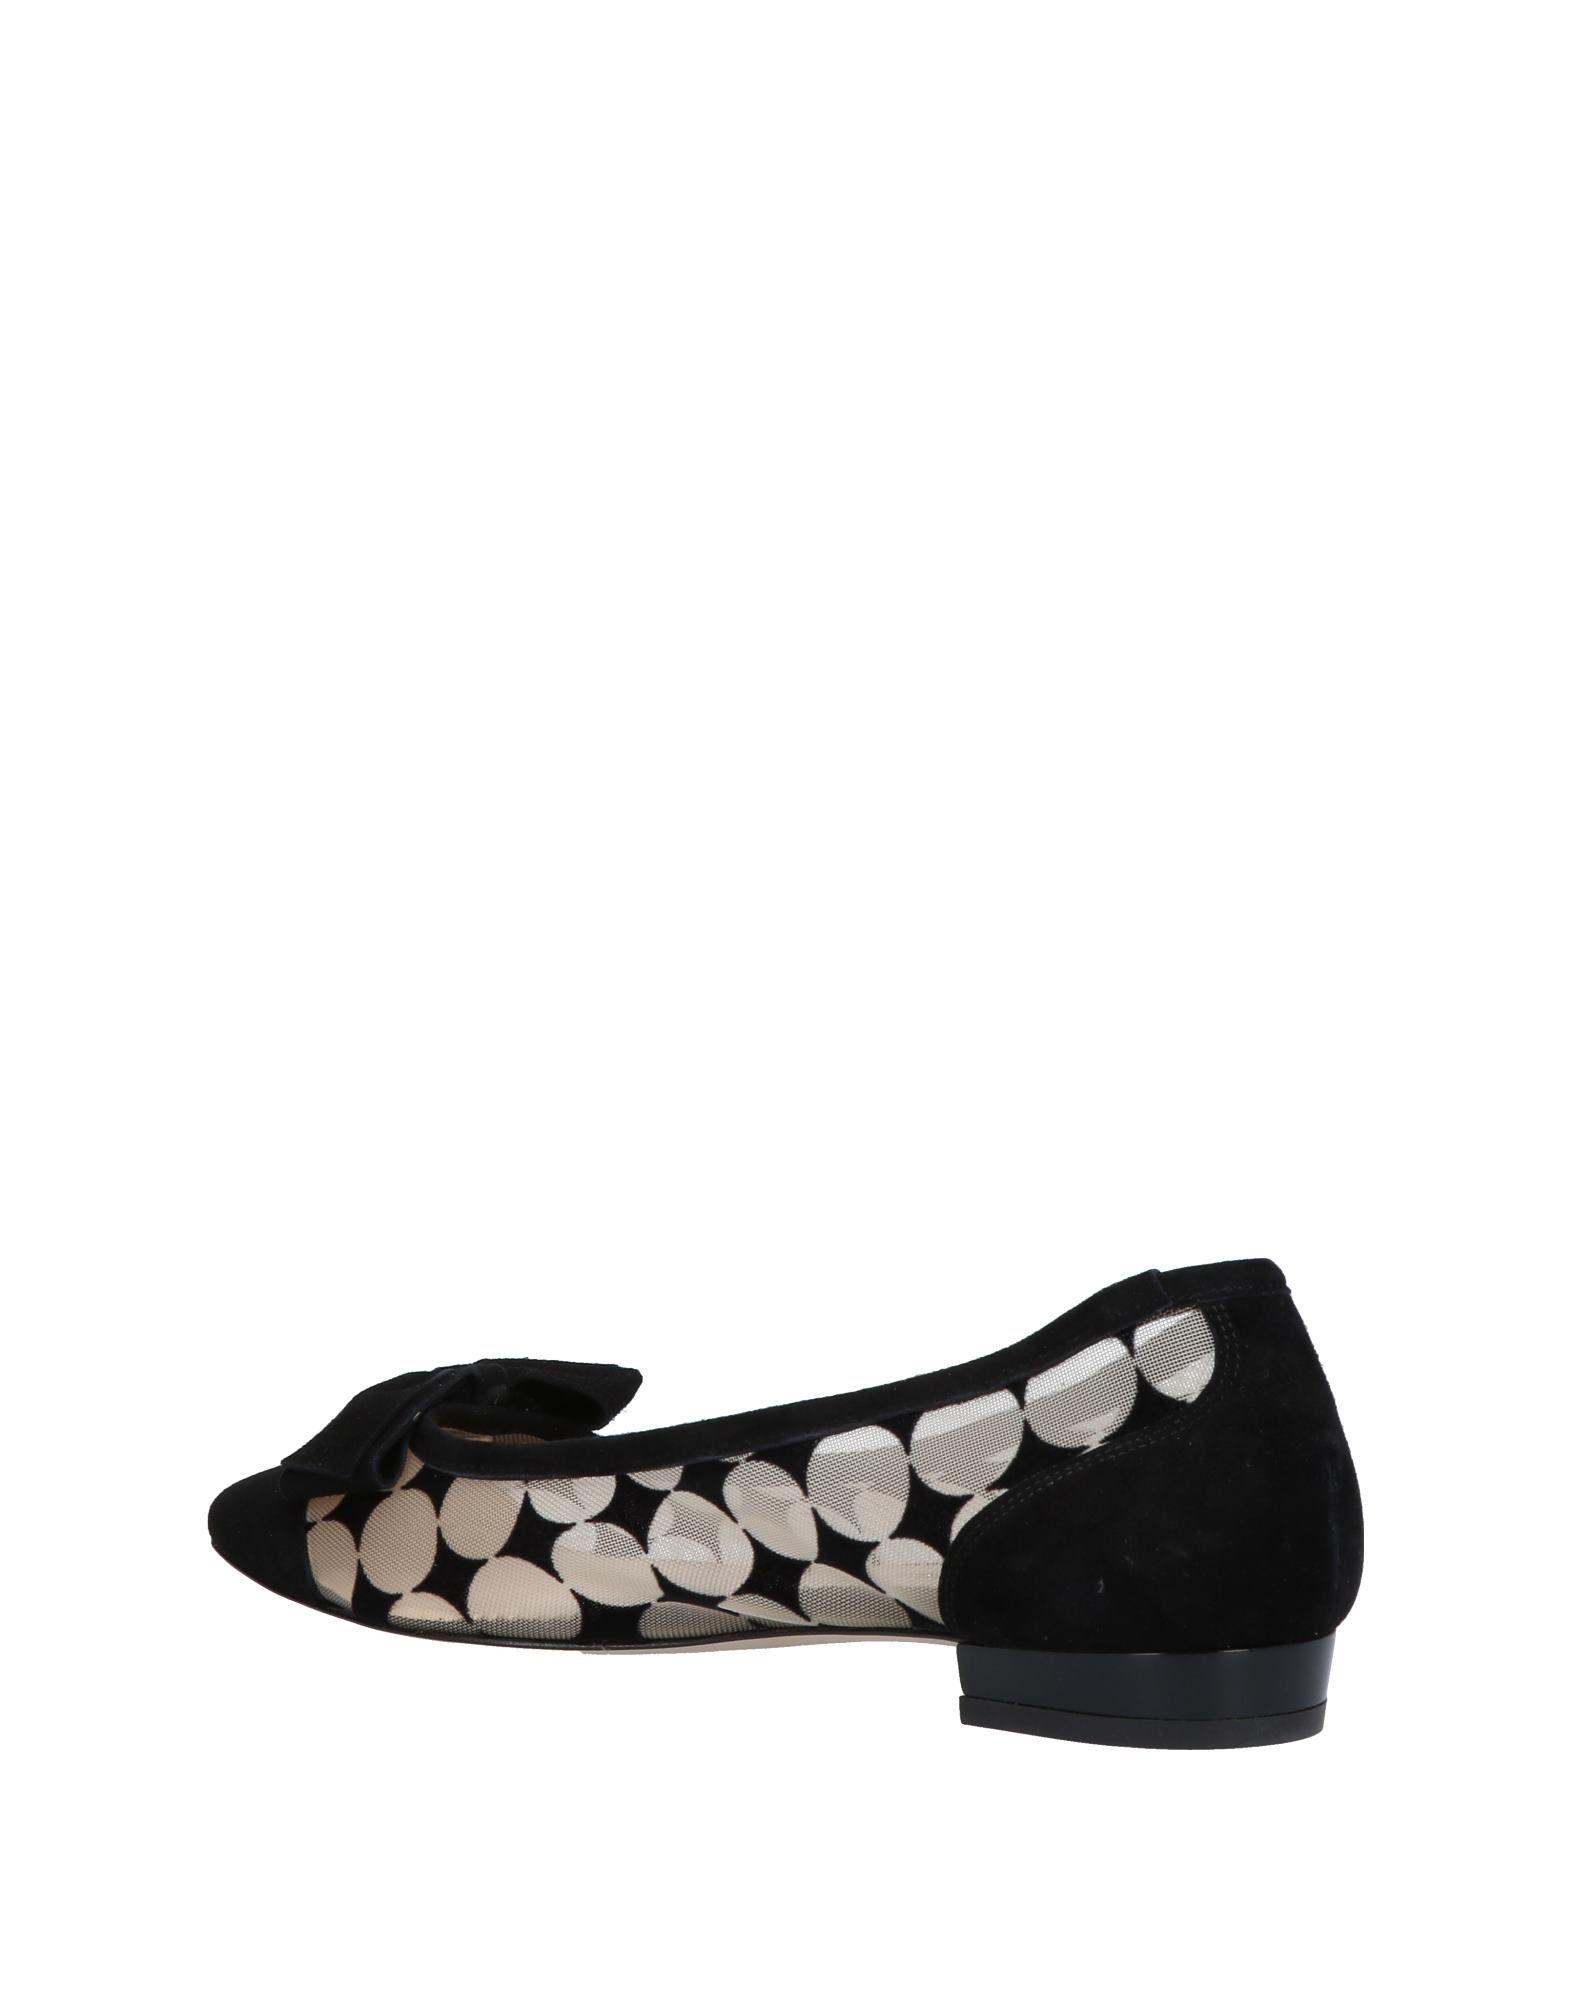 Chaussures - Ballerines Hannibal Laguna AeLjbKBW6